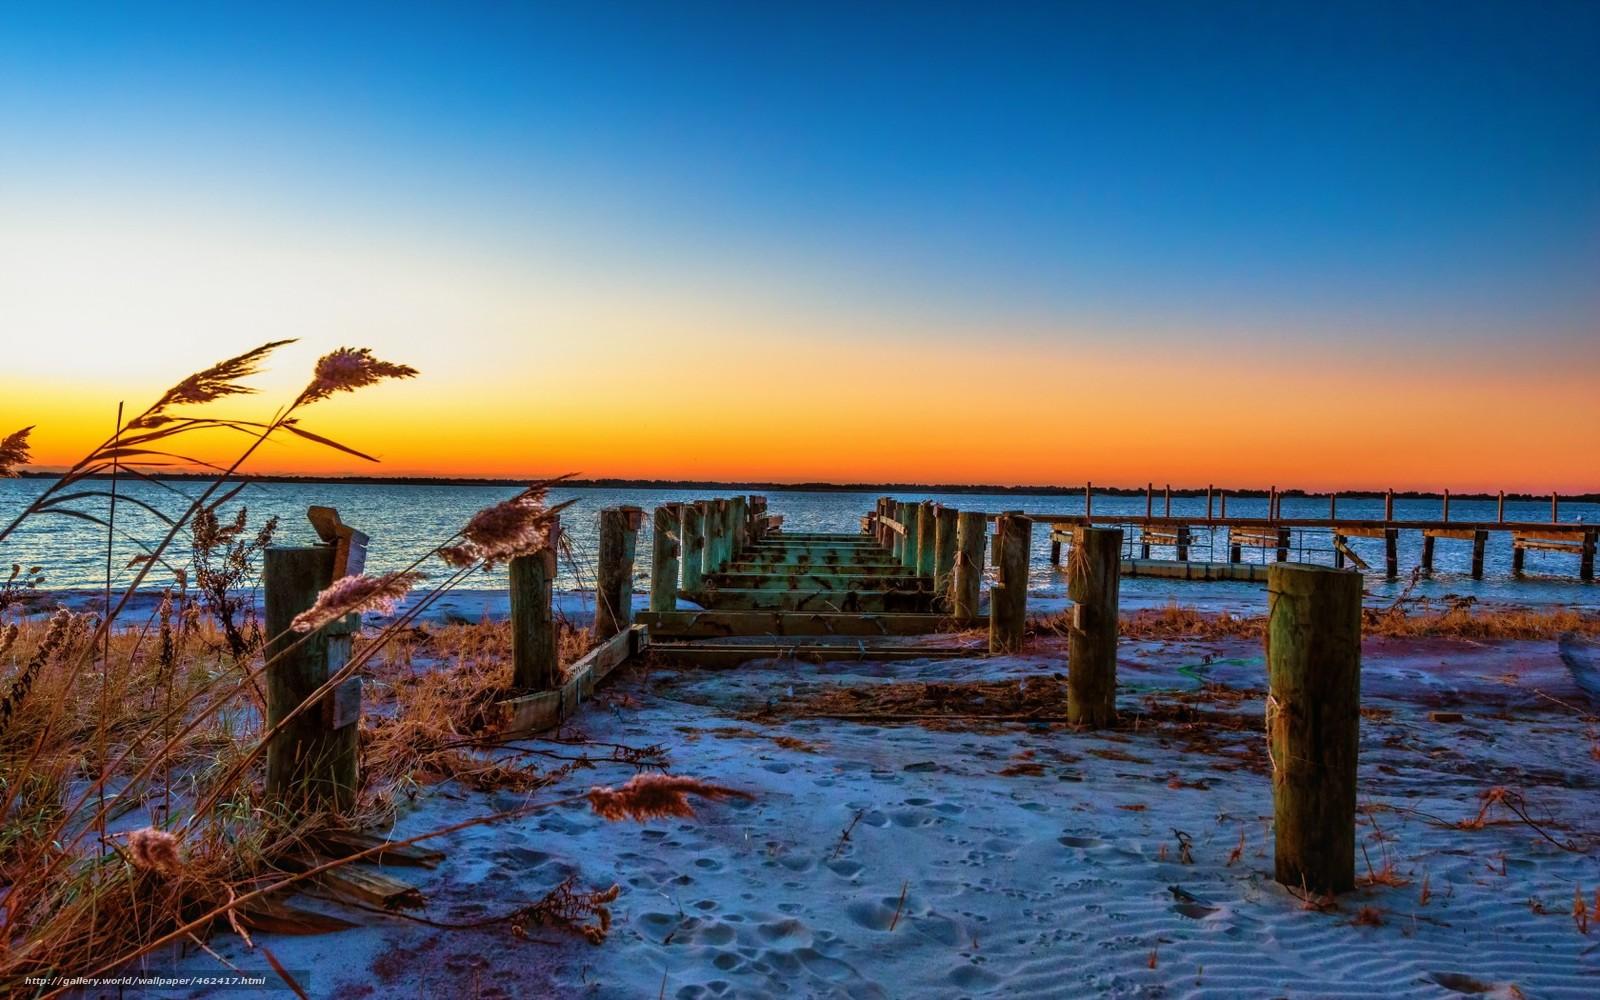 Tlcharger fond d 39 ecran coucher du soleil mer pont - Fond ecran coucher de soleil sur la mer ...